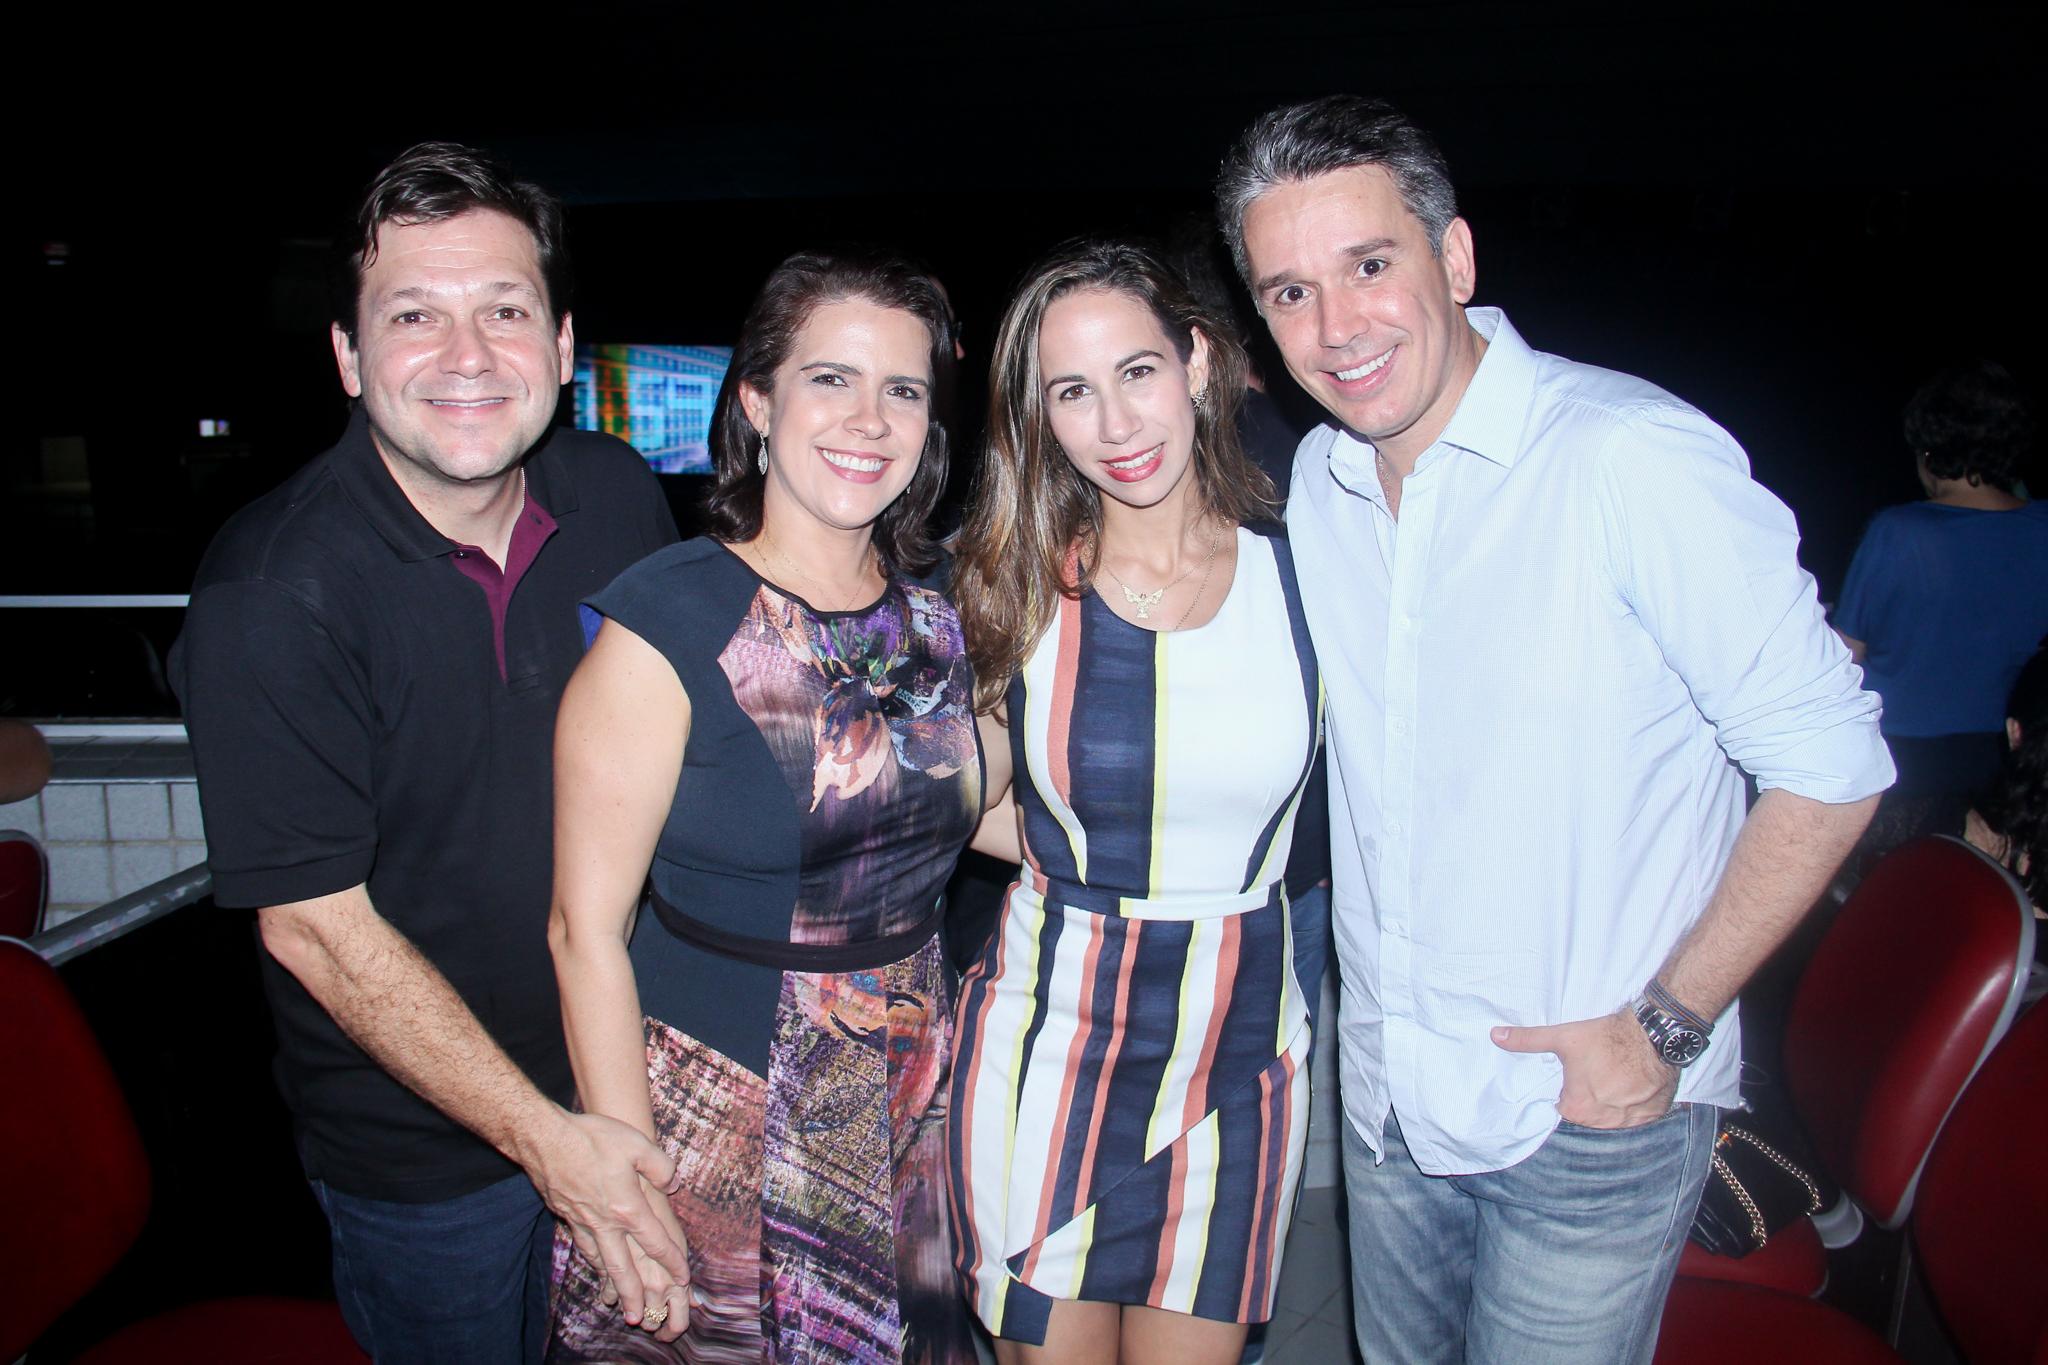 Geraldo Julio, Cristina Melo, Fabiana Carreras e Felipe Carreras - Crédito: Wellington Silva/Divulgação